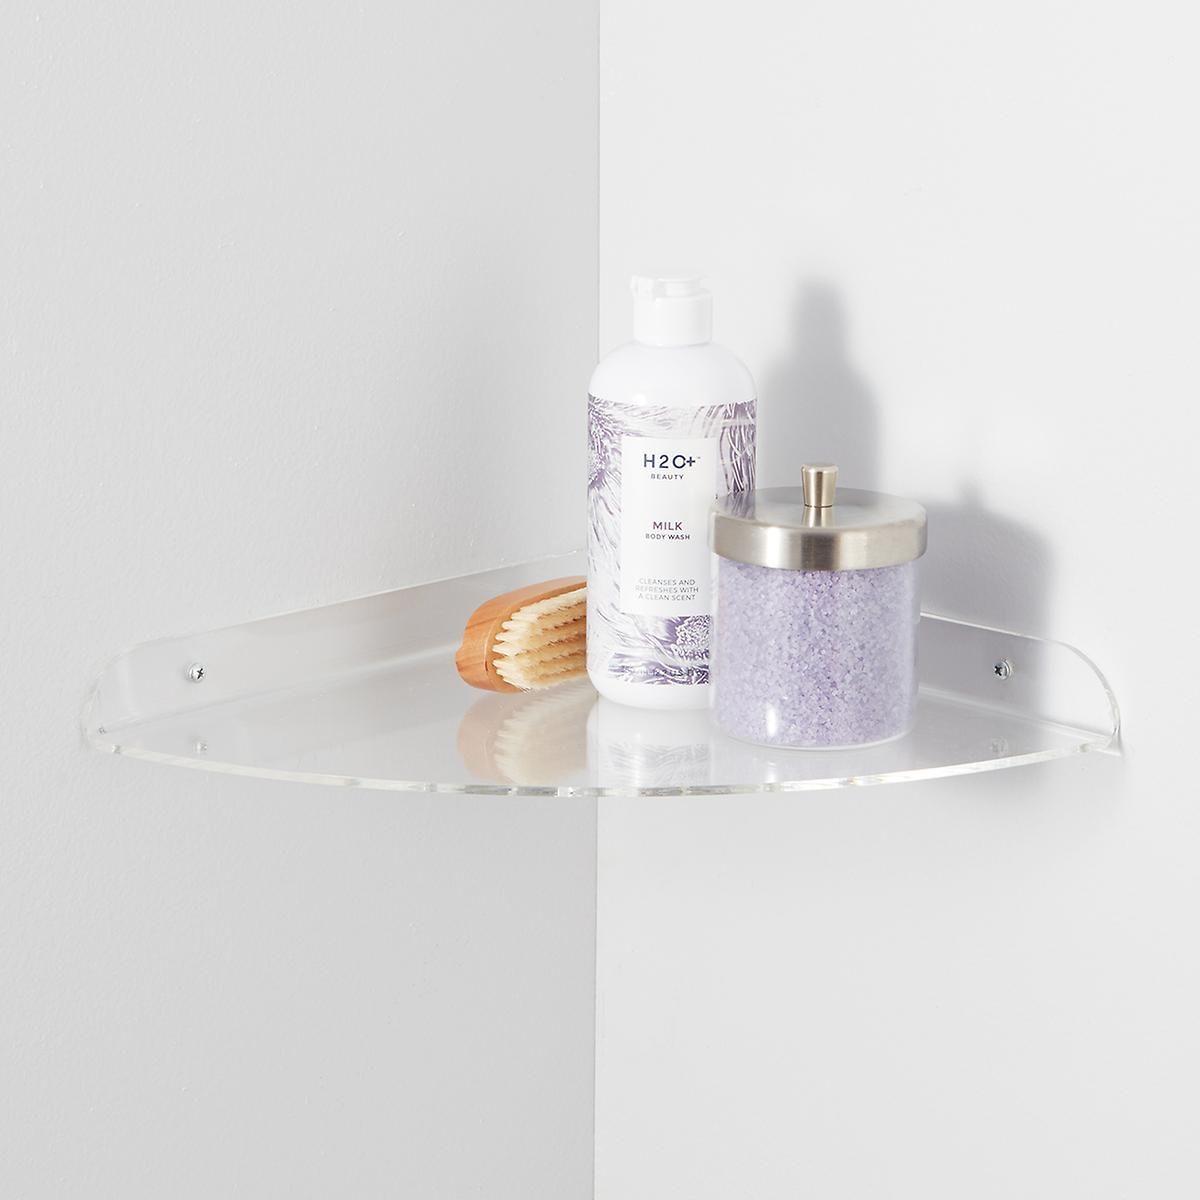 Acrylic Corner Shelf With Images Wall Mounted Shelves Acrylic Wall Shelf Corner Shelves